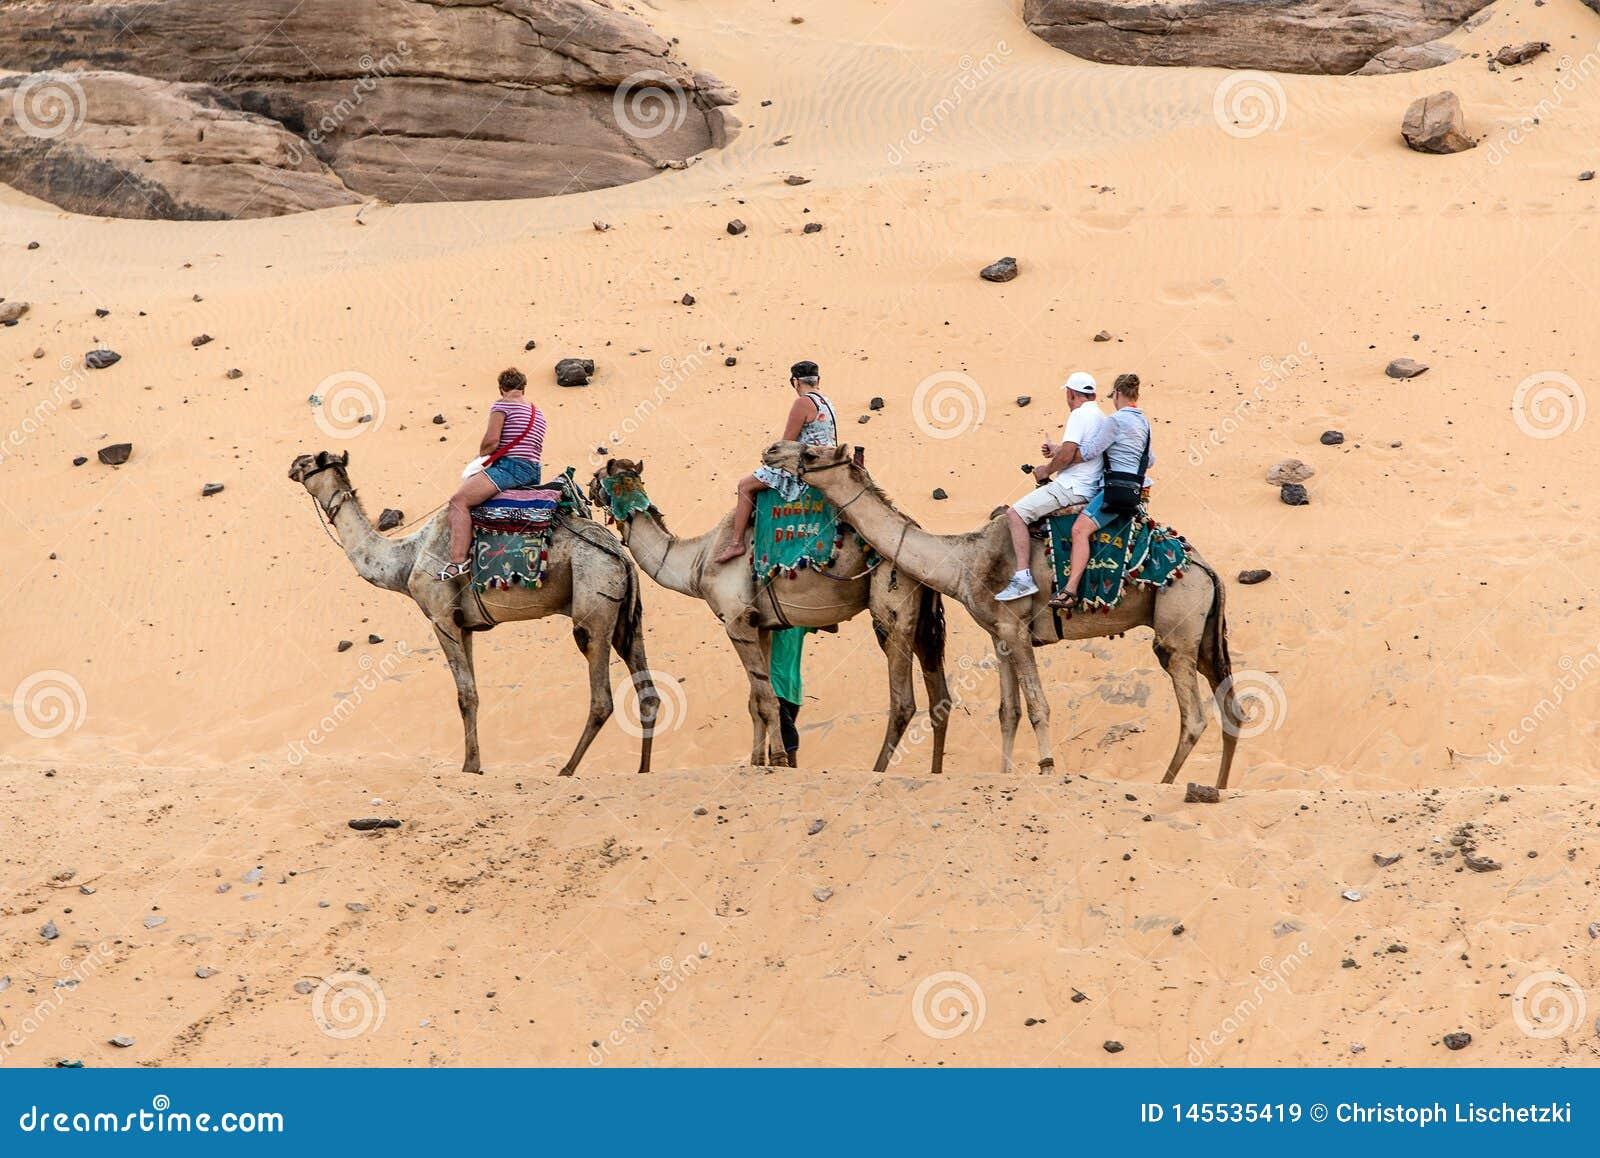 АСУАН, ЕГИПЕТ 18 05 2018 туристов на борту путешествия верблюда к деревне Nubian западный берег реки Нила в области Асуана